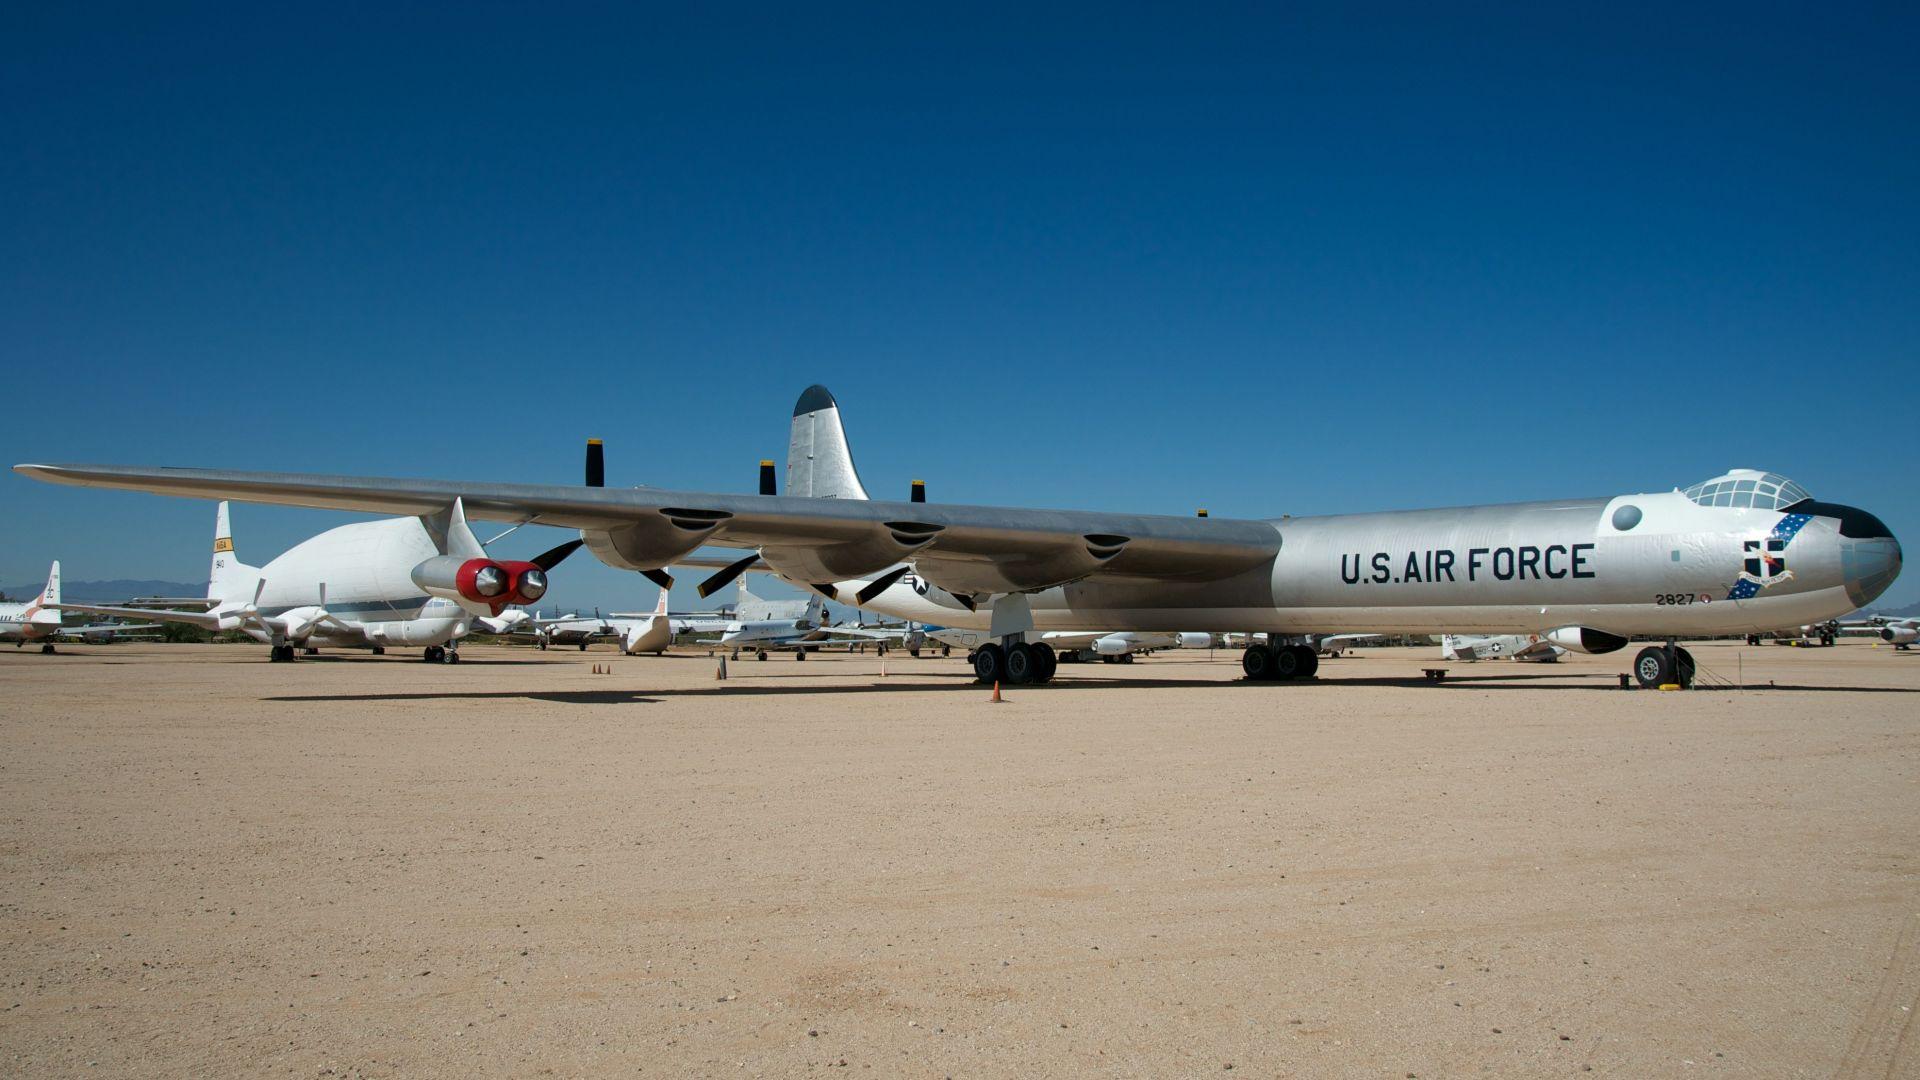 Най-гигантските бомбардировачи (снимки)